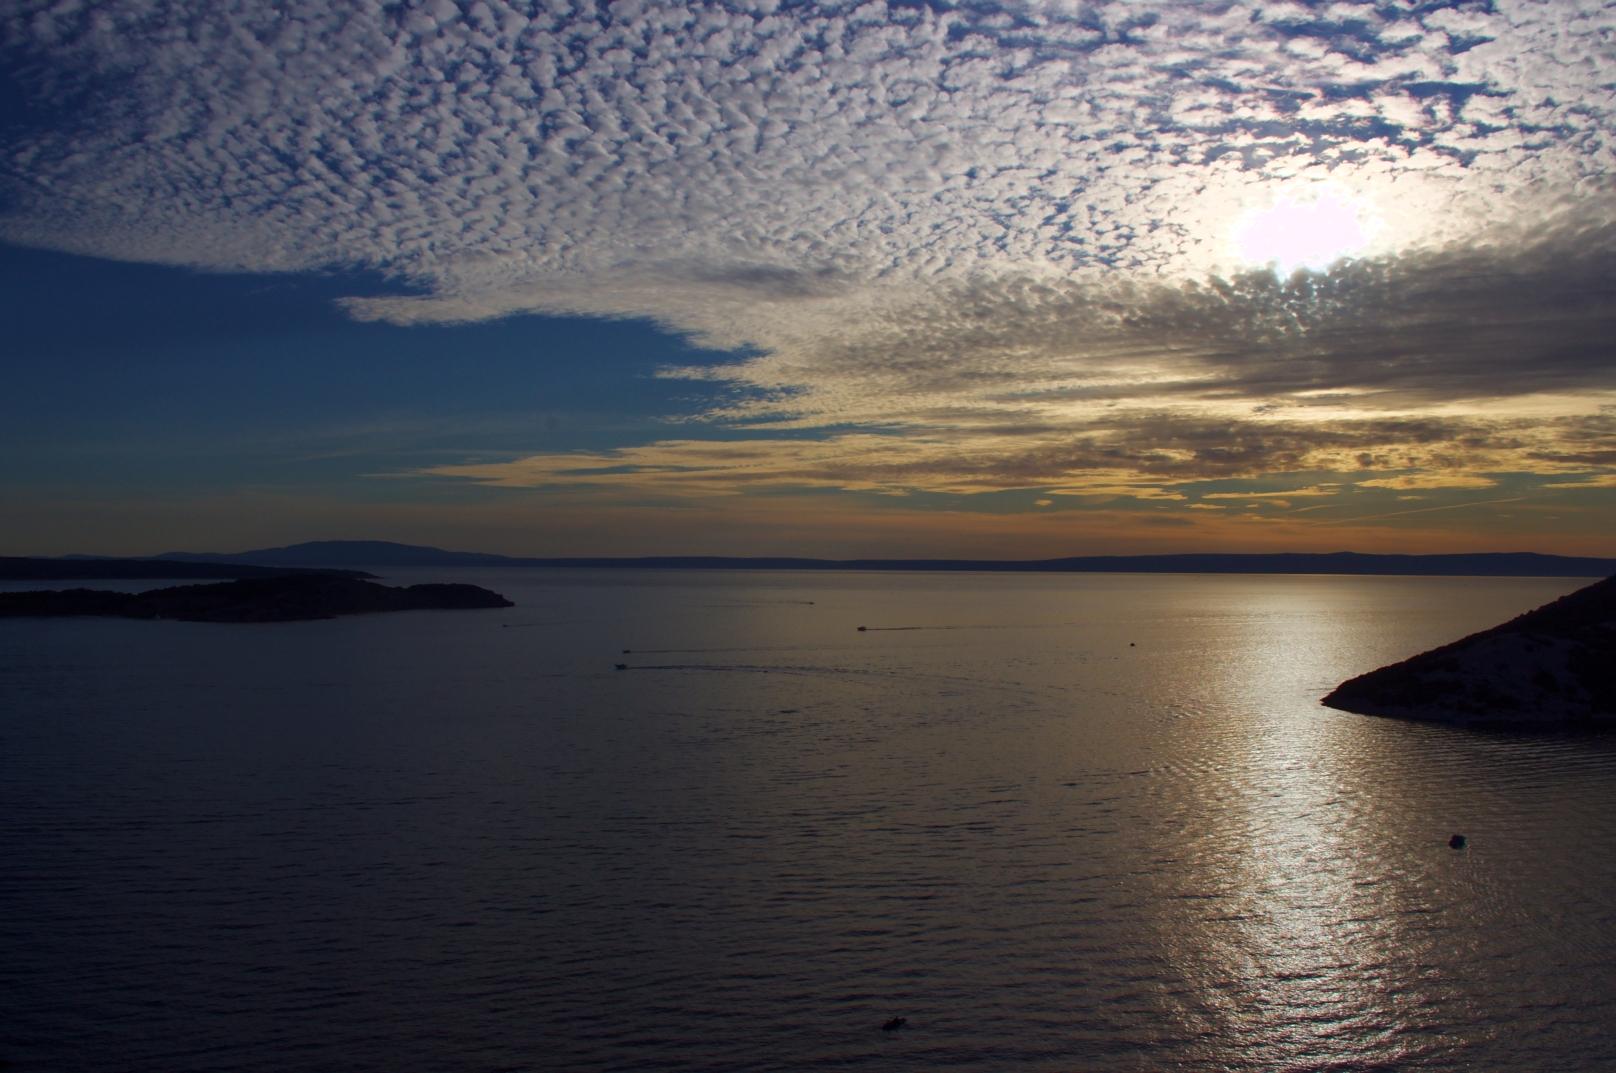 Sonnenuntergang Rab, Kroatien